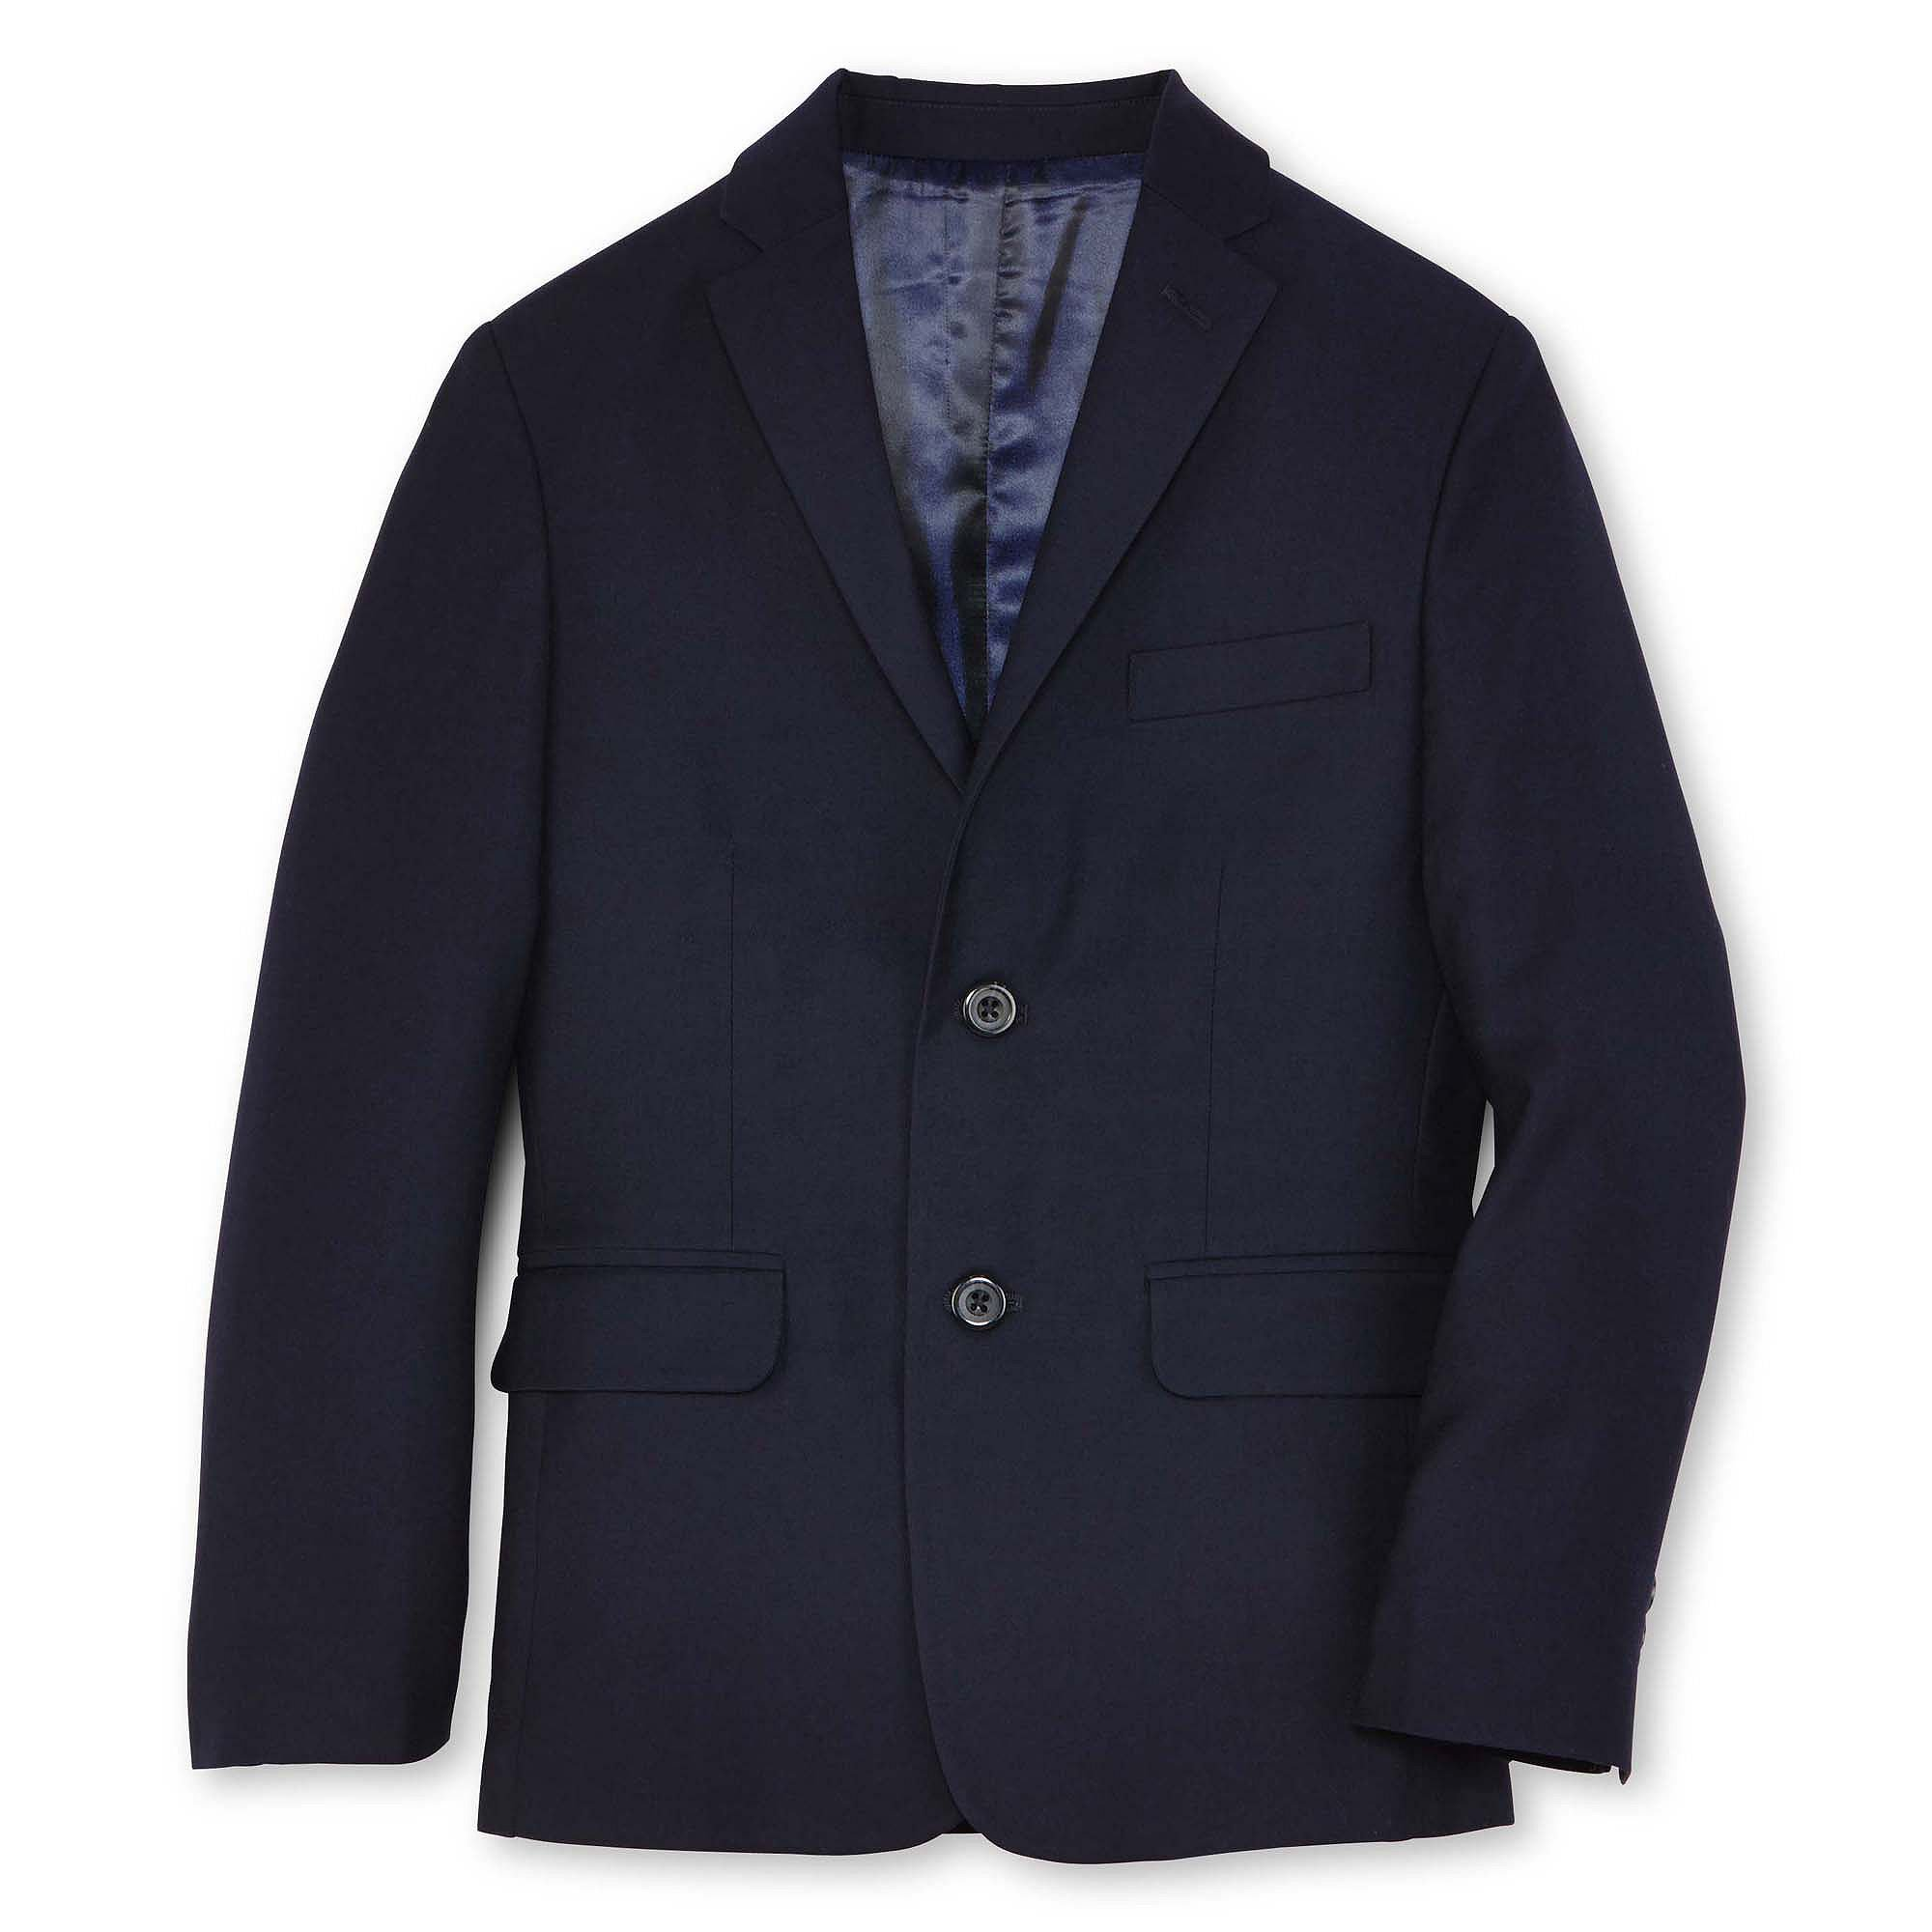 IZOD Boy's Fine Line Suit Jacket Blazer (12, Navy)